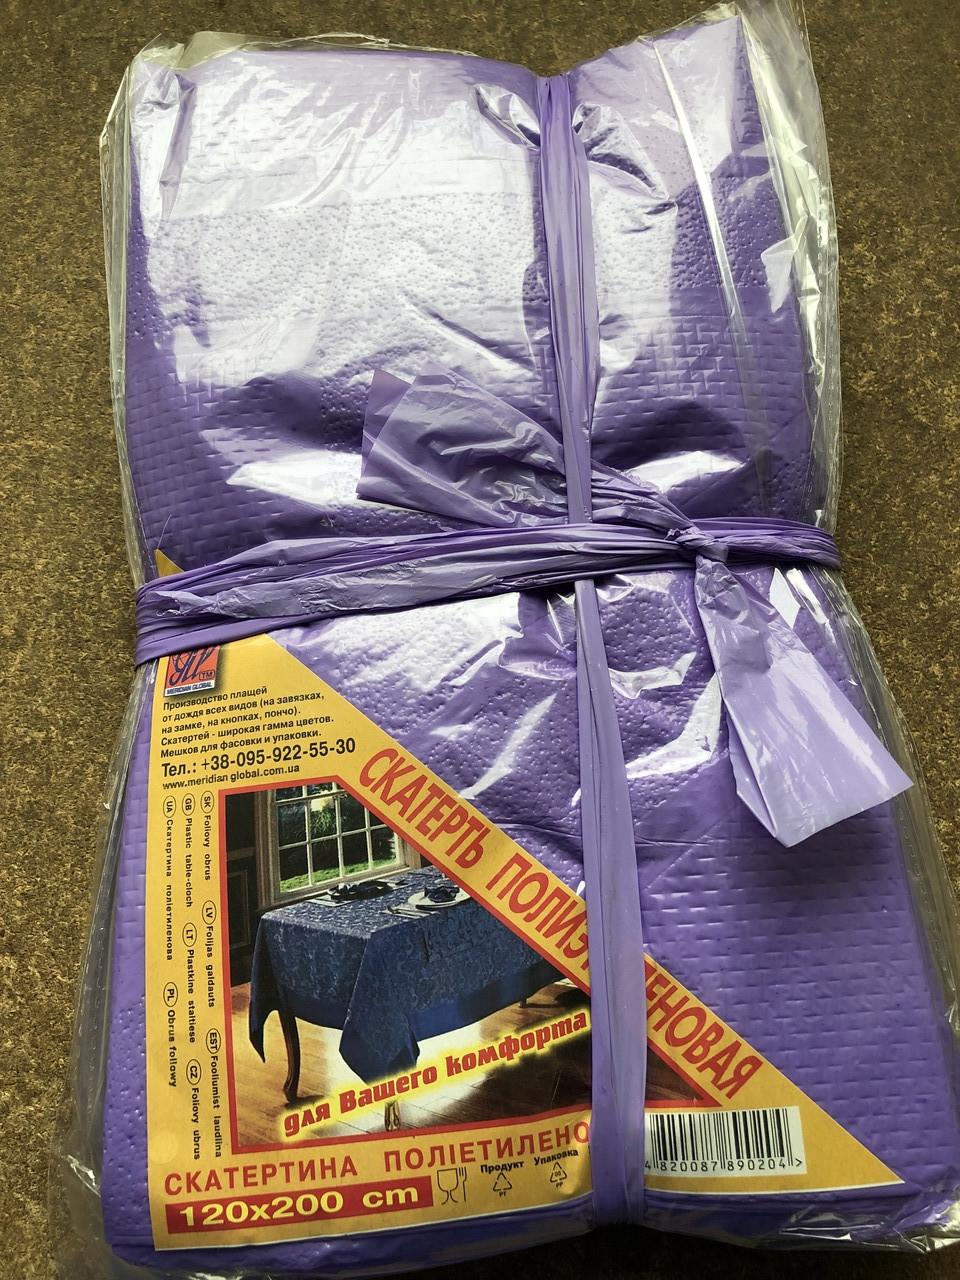 Скатерть полиэтиленовая для стола 120*200 см фиолетовая